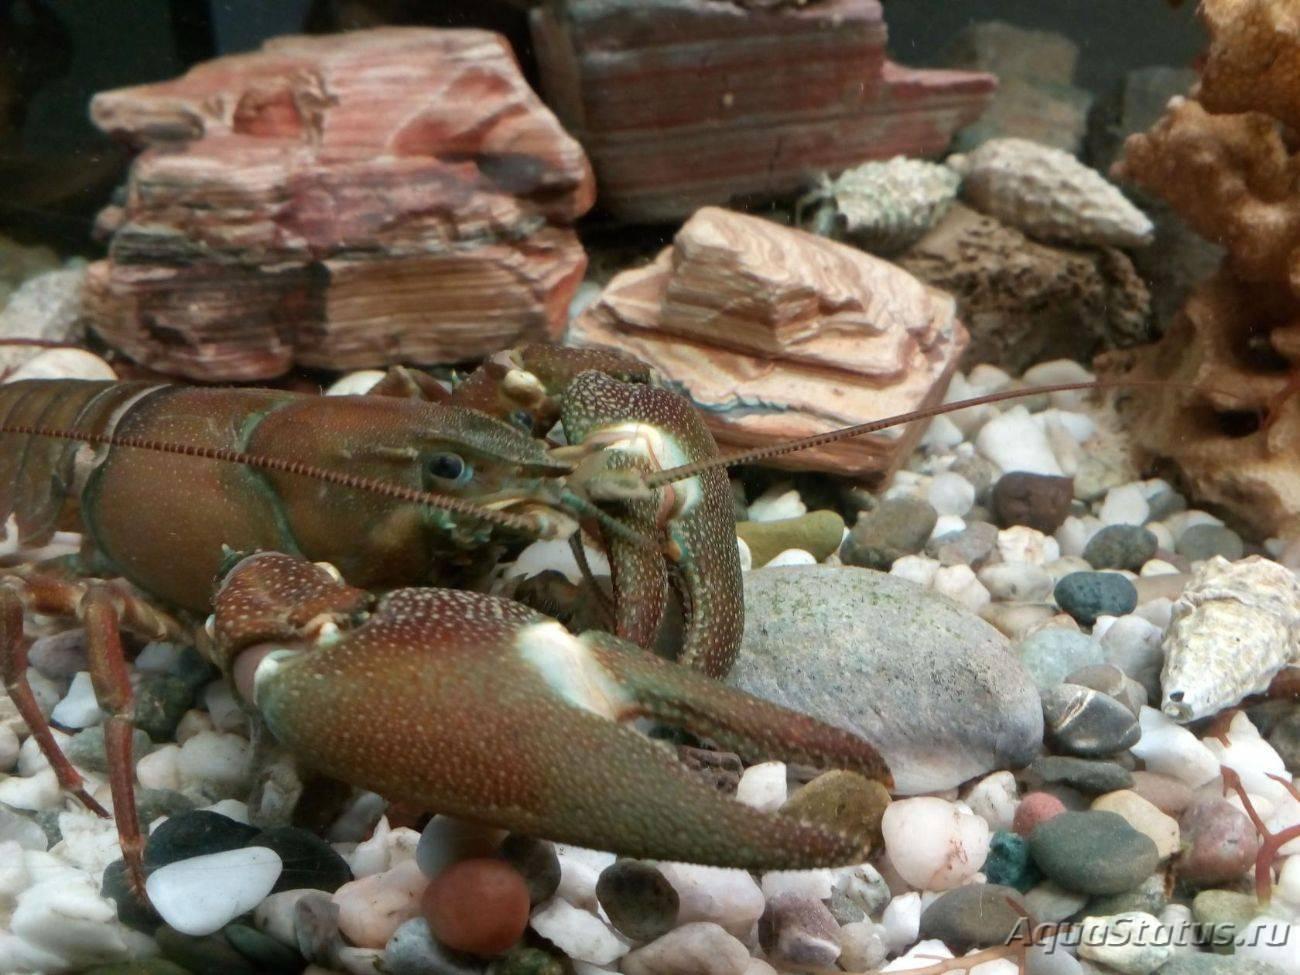 Рак речной широкопалый фото и описание – каталог рыб, смотреть онлайн